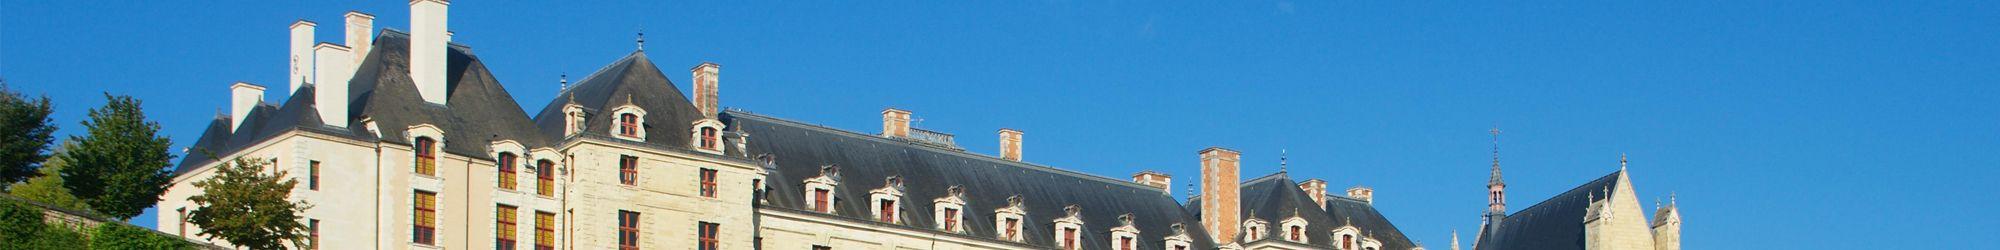 Le château des ducs de La Trémoille à Thouars